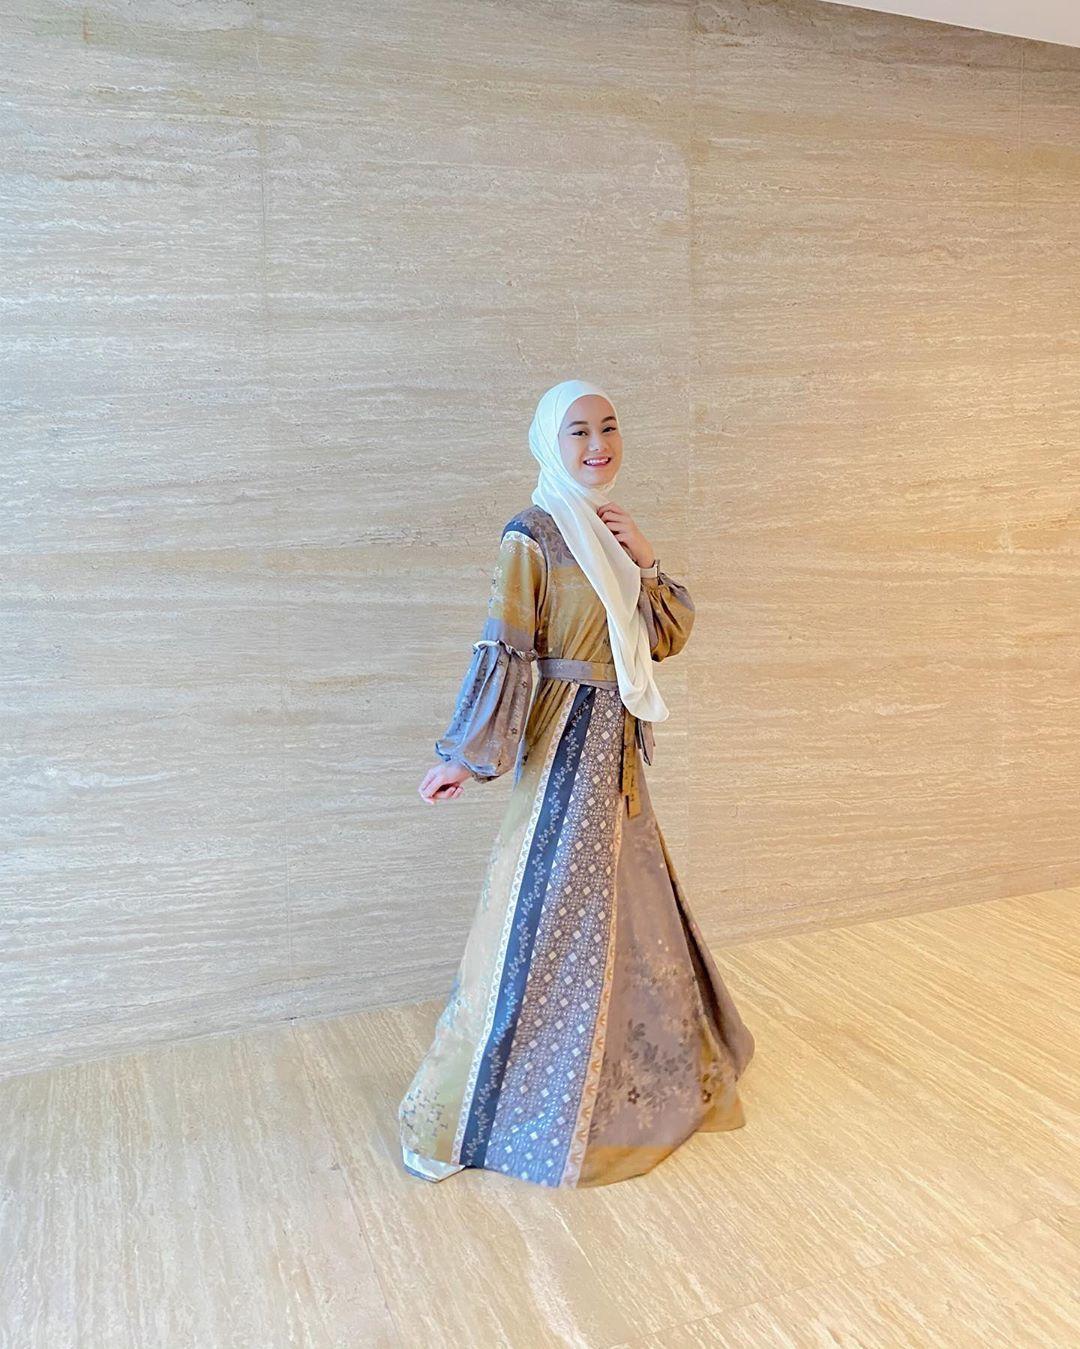 Gaya Hijab Sehari-hari a La Dinda Hauw yang Bisa Kamu Tiru